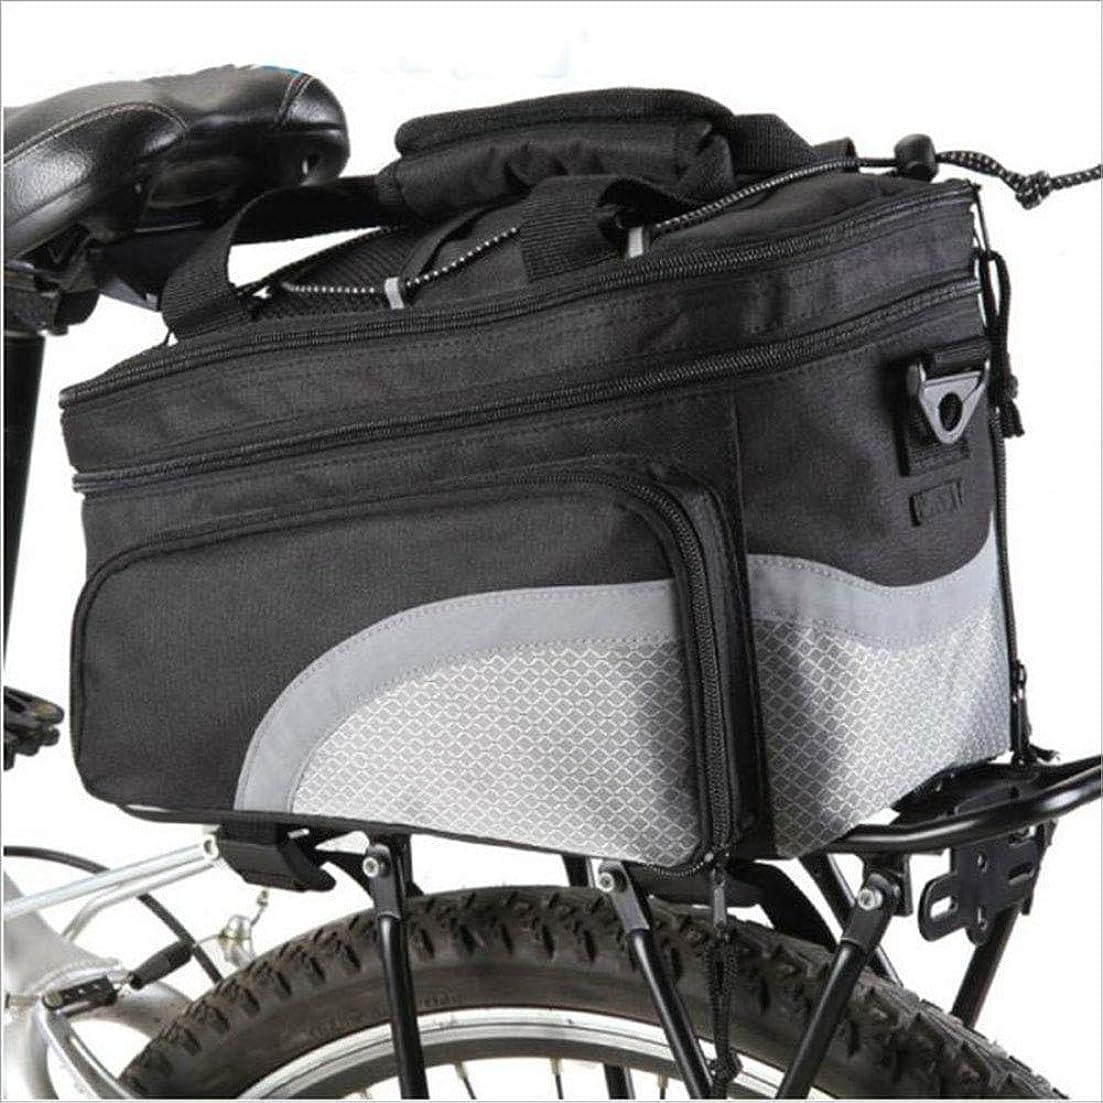 勝利多年生寸前Tckoudai 自転車バッグ 自転車バッグ 棚パッケージ 拡張可能なリアシェルフパッケージ